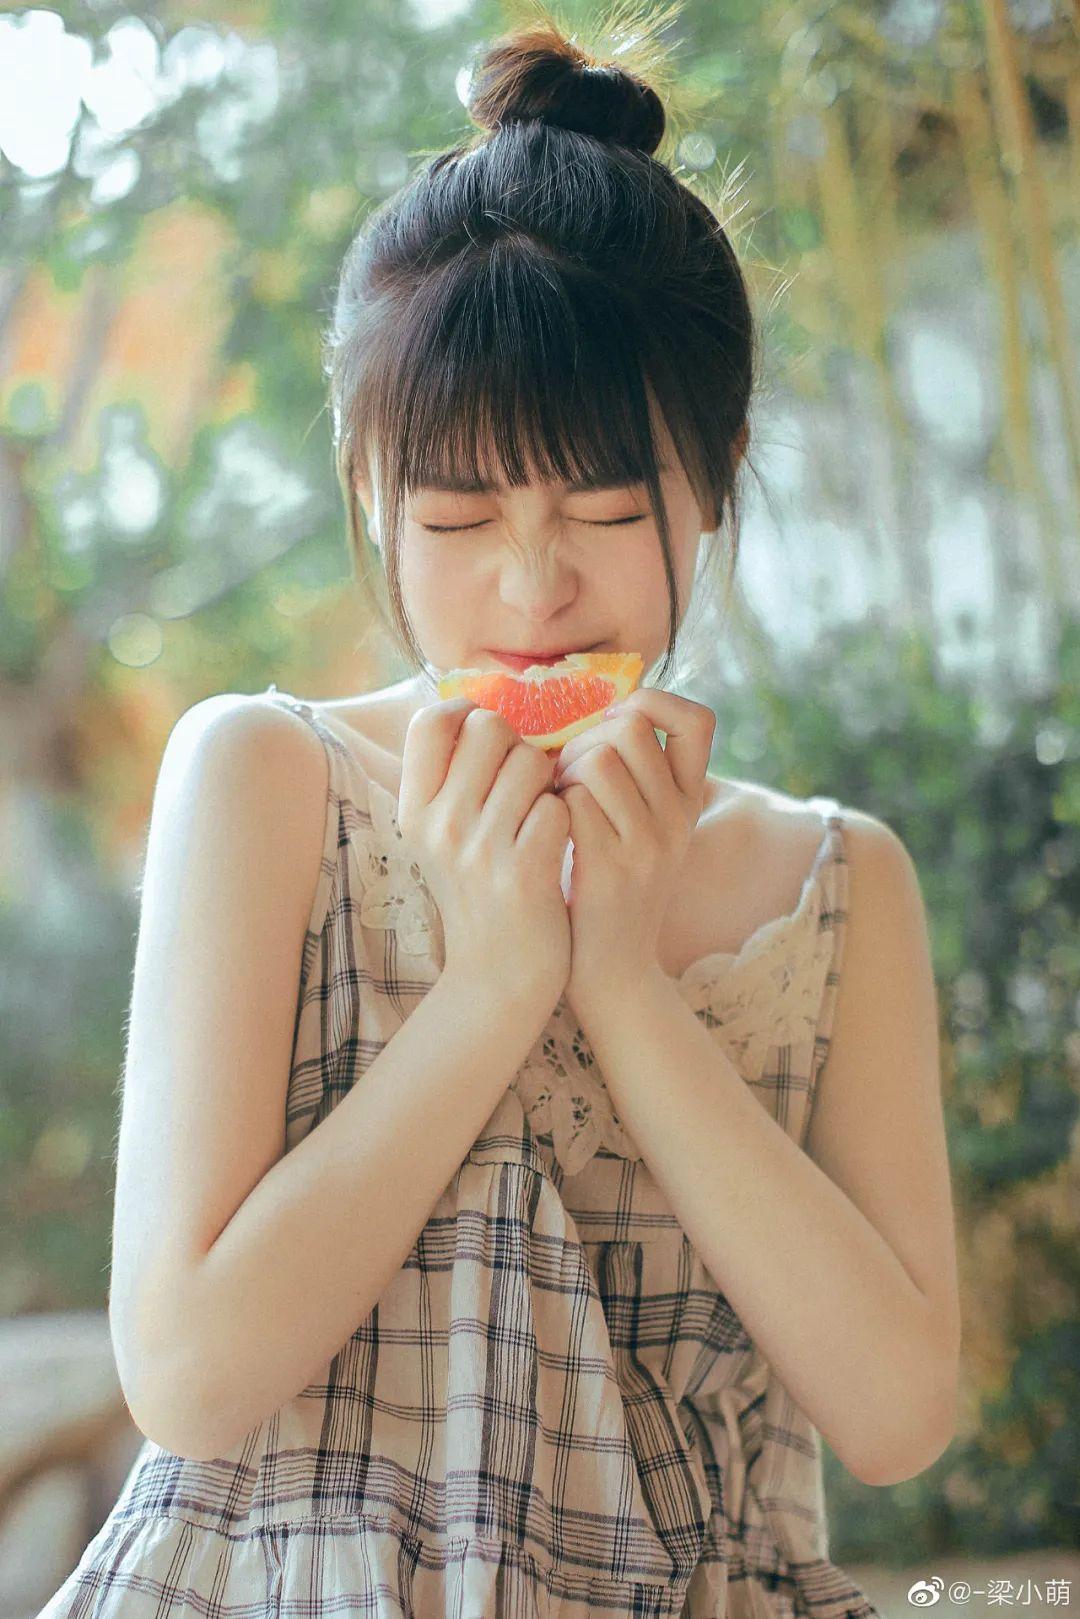 妹子摄影 – 微博美少女@-梁小萌,吃橘子的连衣裙清纯小妹_图片 No.5